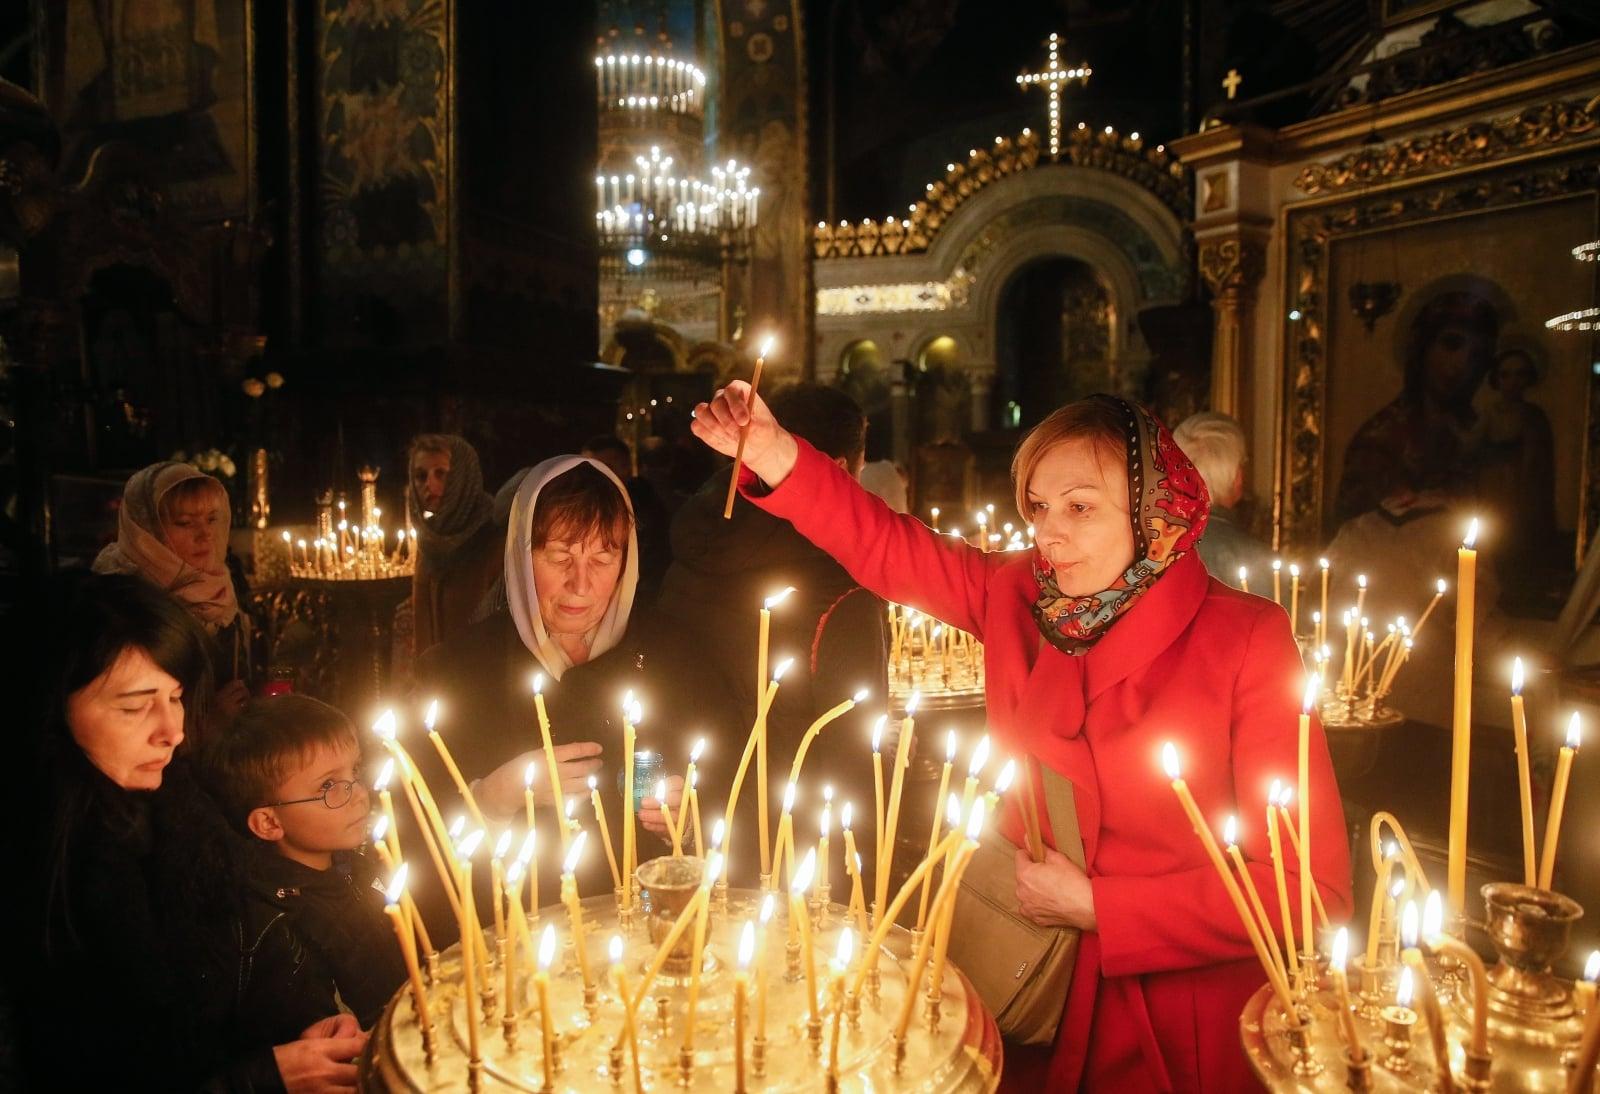 Wierni prawosławni zapalają świece w czasie Mszy wigilijnej, Kijów, Ukraina.